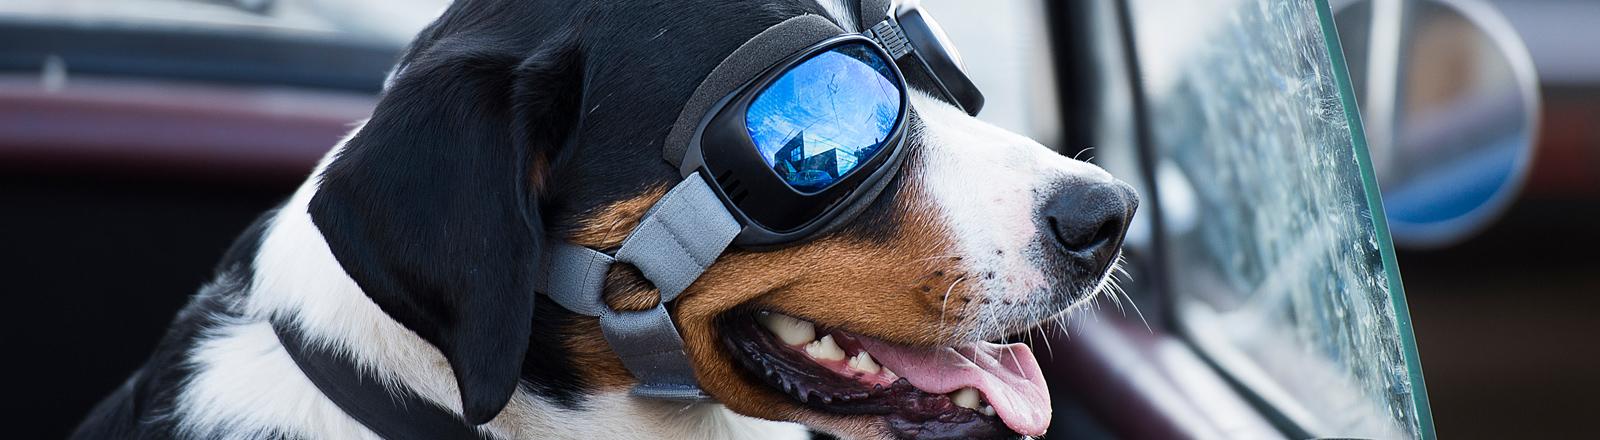 Hund mit Brille in Cabrio